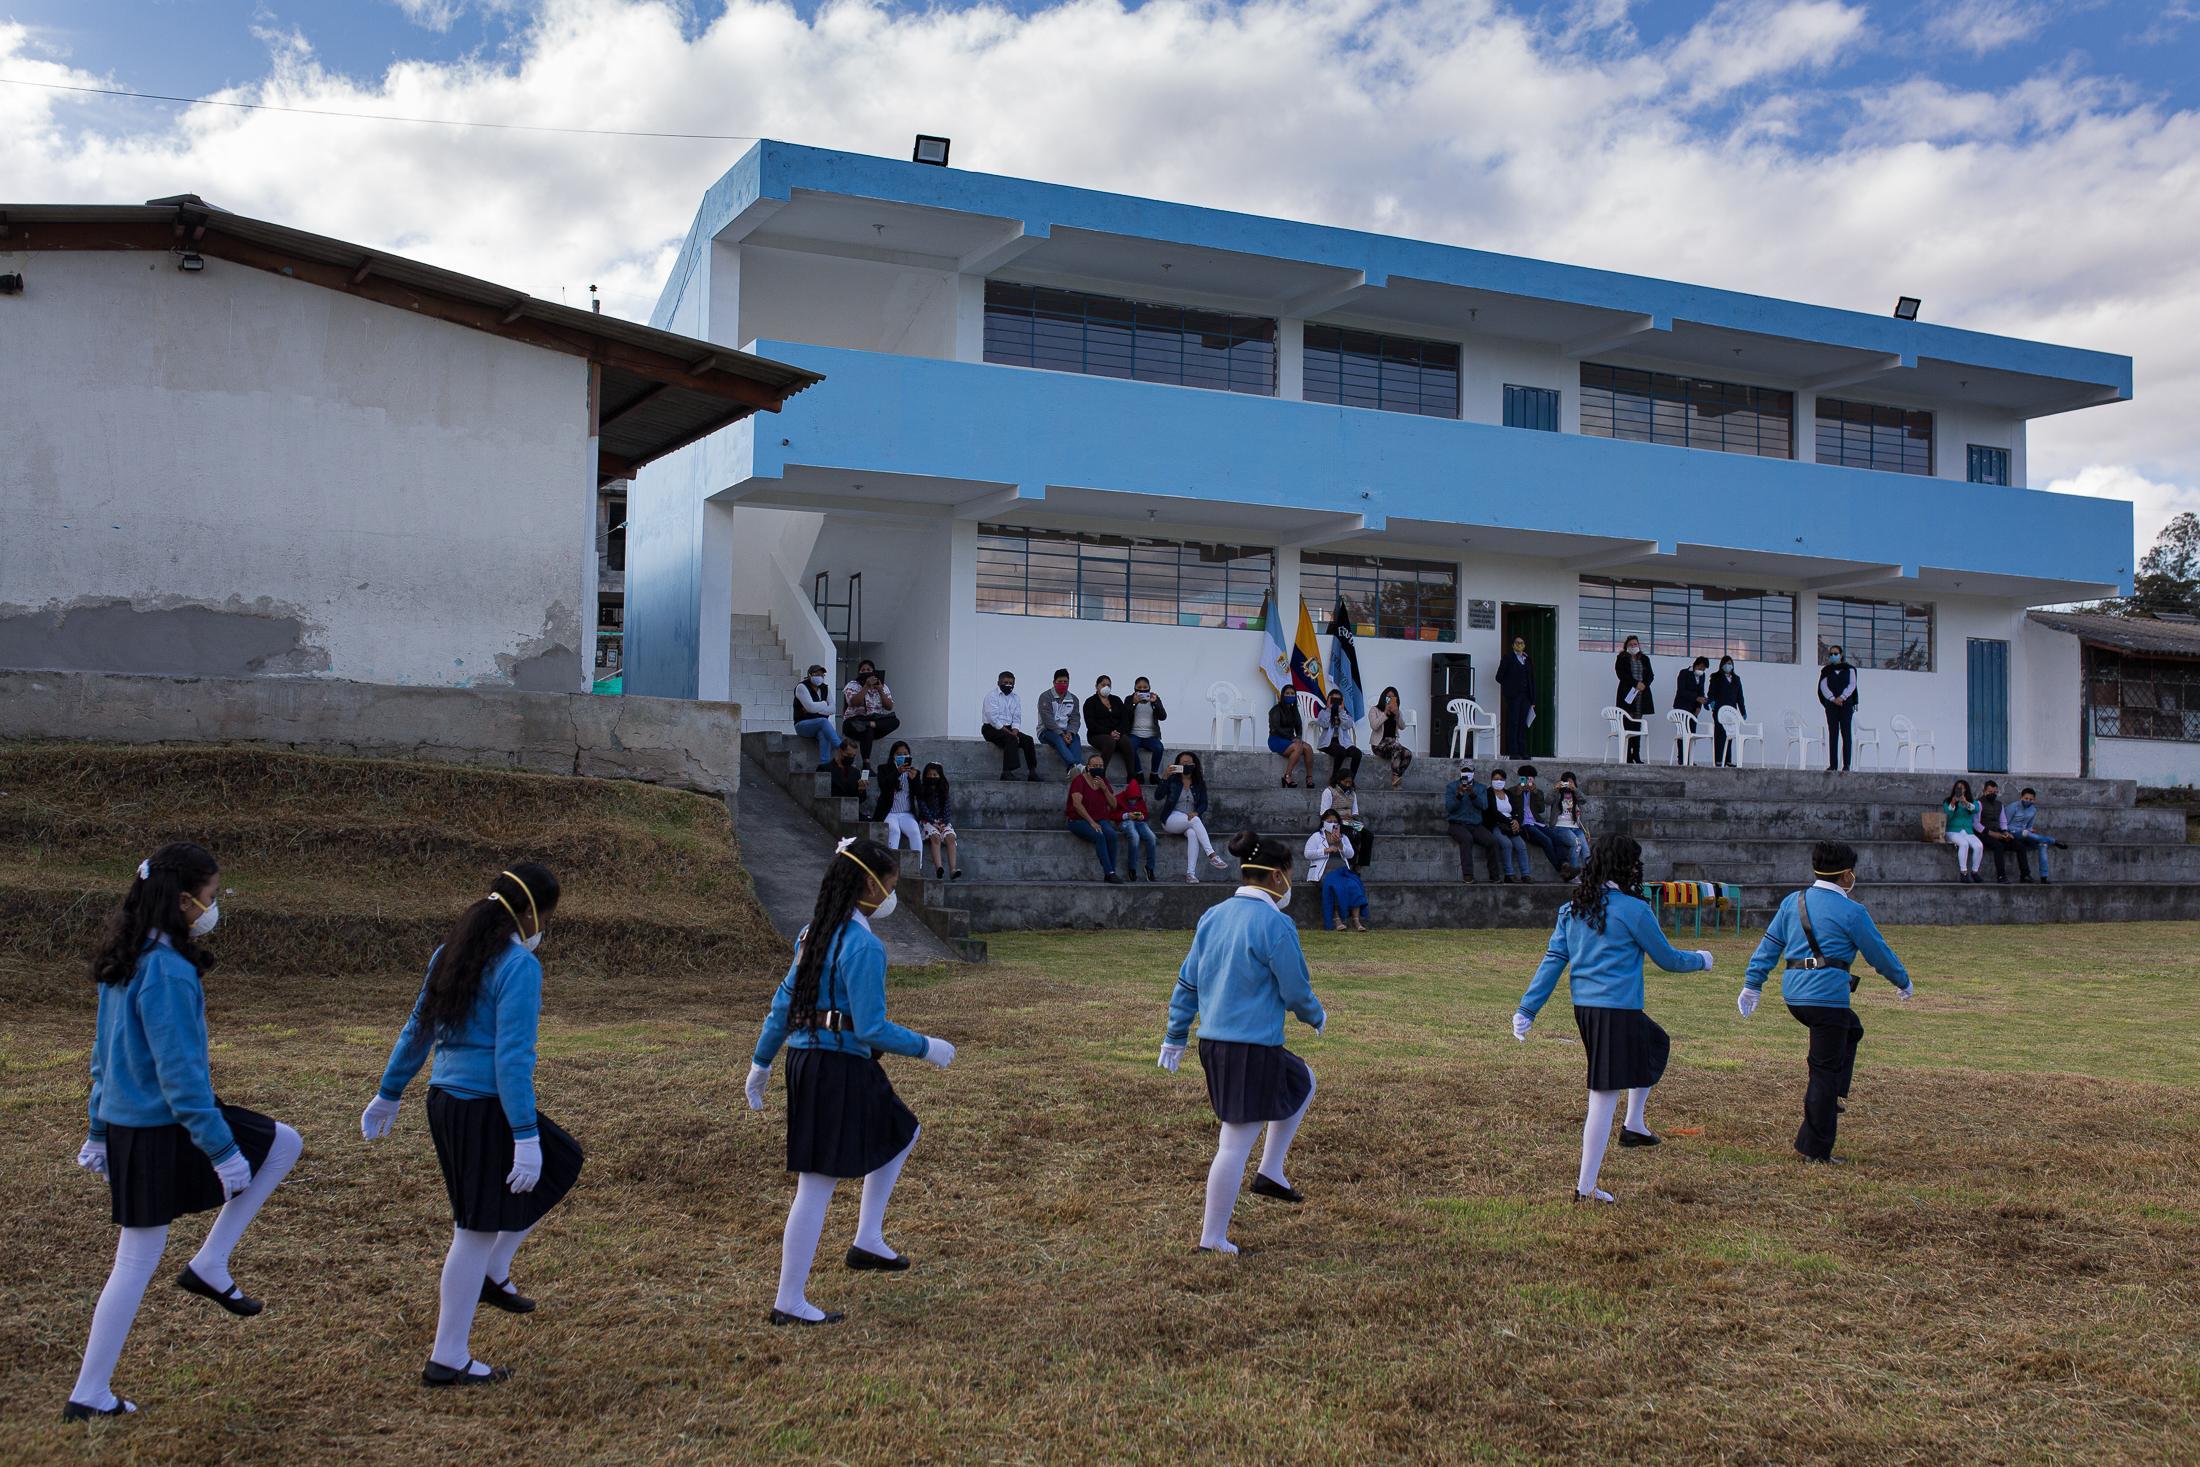 Ceremonia de clausura del año lectivo celebrada con todas las medidas de bioseguridad en el zona rural del cantón Rumiñahui. Solamente los estudiantes del cuadro de honor de la escuela, junto con un familiar, fueron parte del evento. 29 de junio de 2020. Cotogchoa-Ecuador. Andrés Yépez.